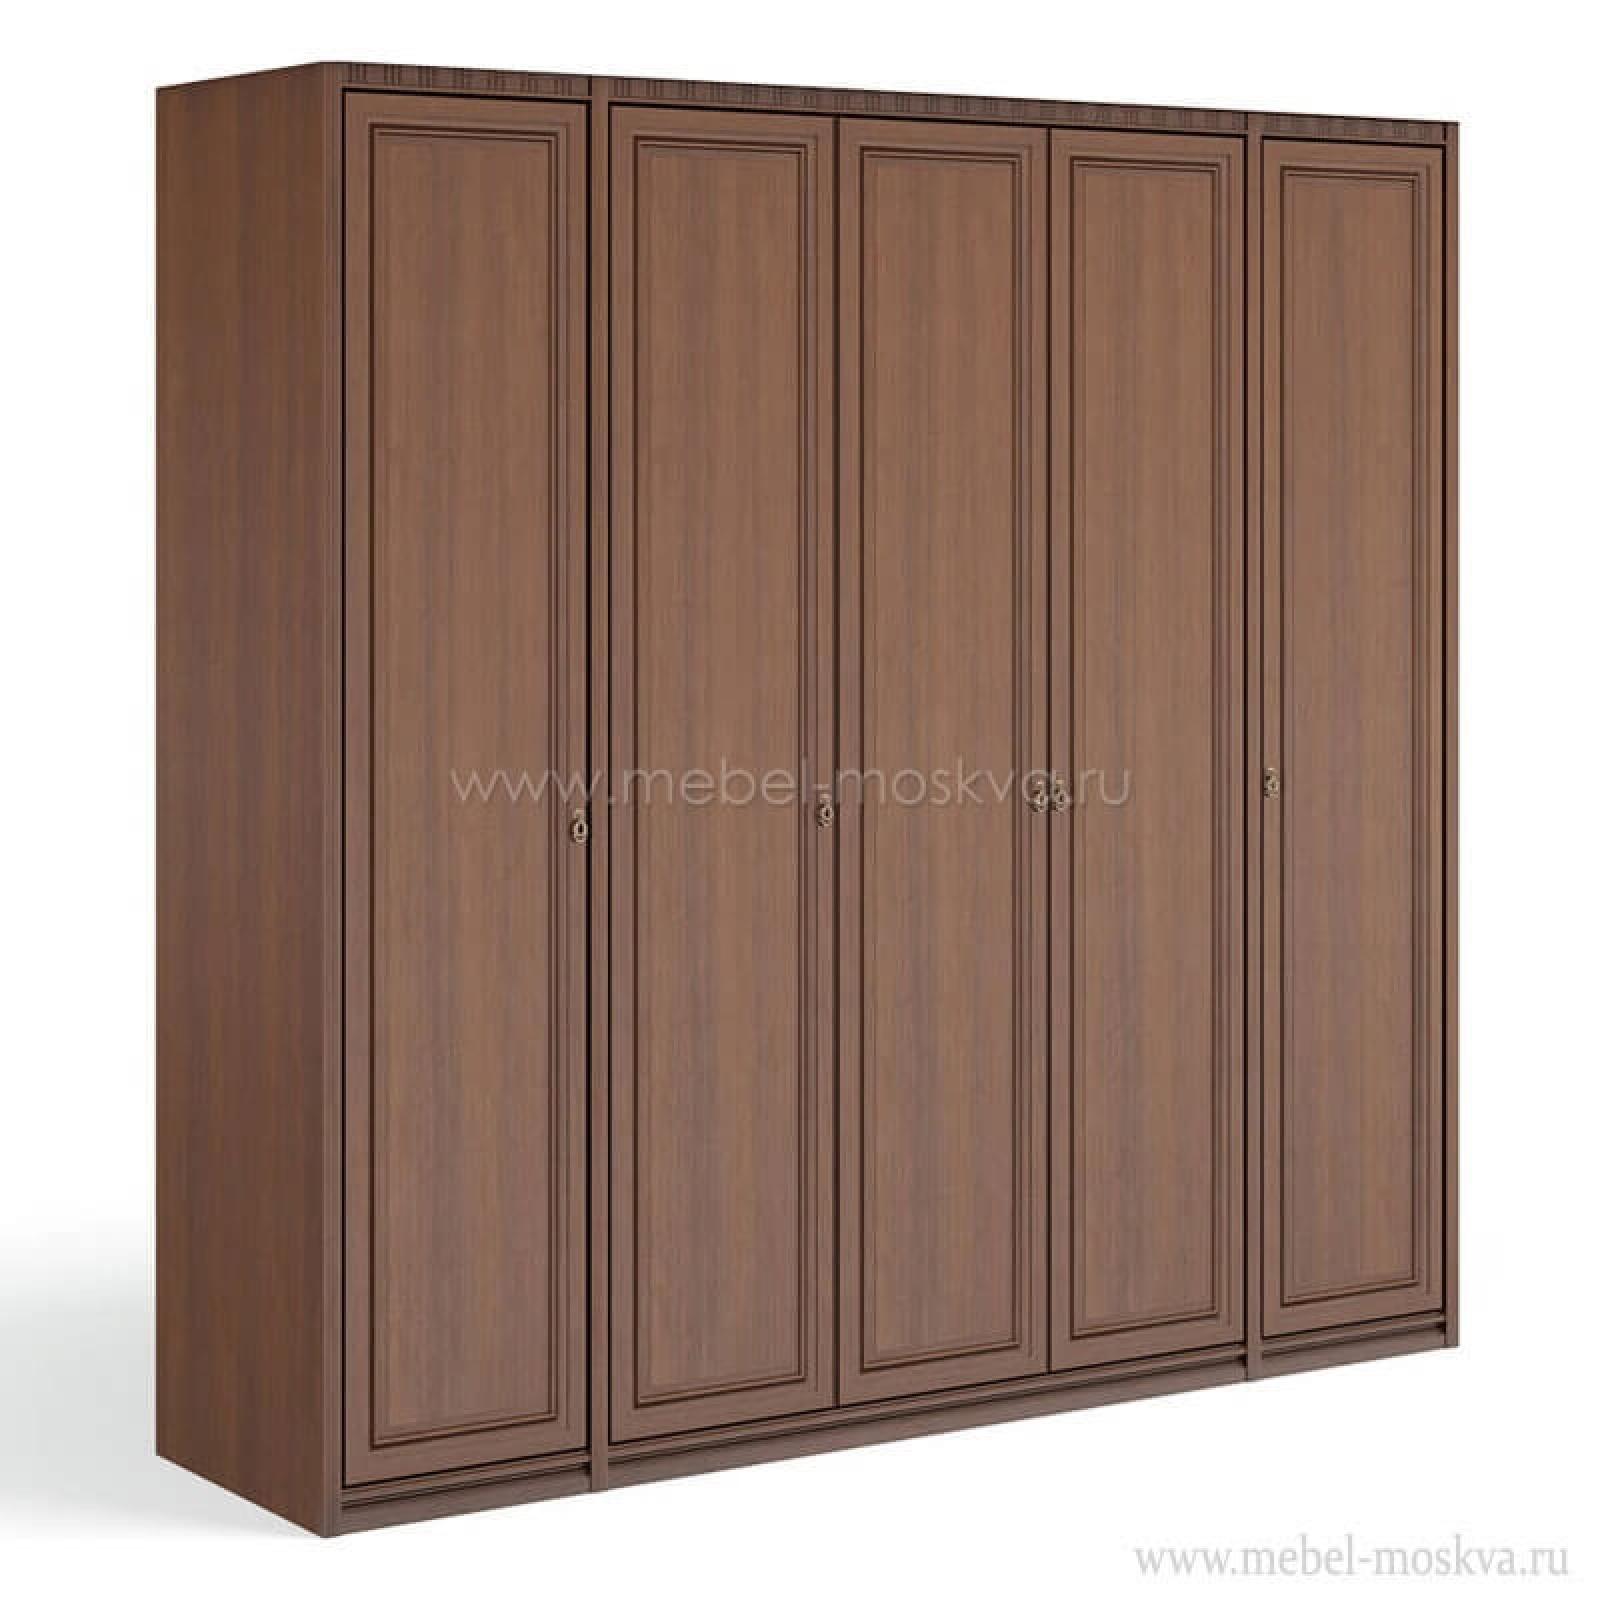 """""""Рапсодия Ю"""" Ю355.1501 Шкаф для одежды и белья 5-ти дв.без зеркал - 1"""